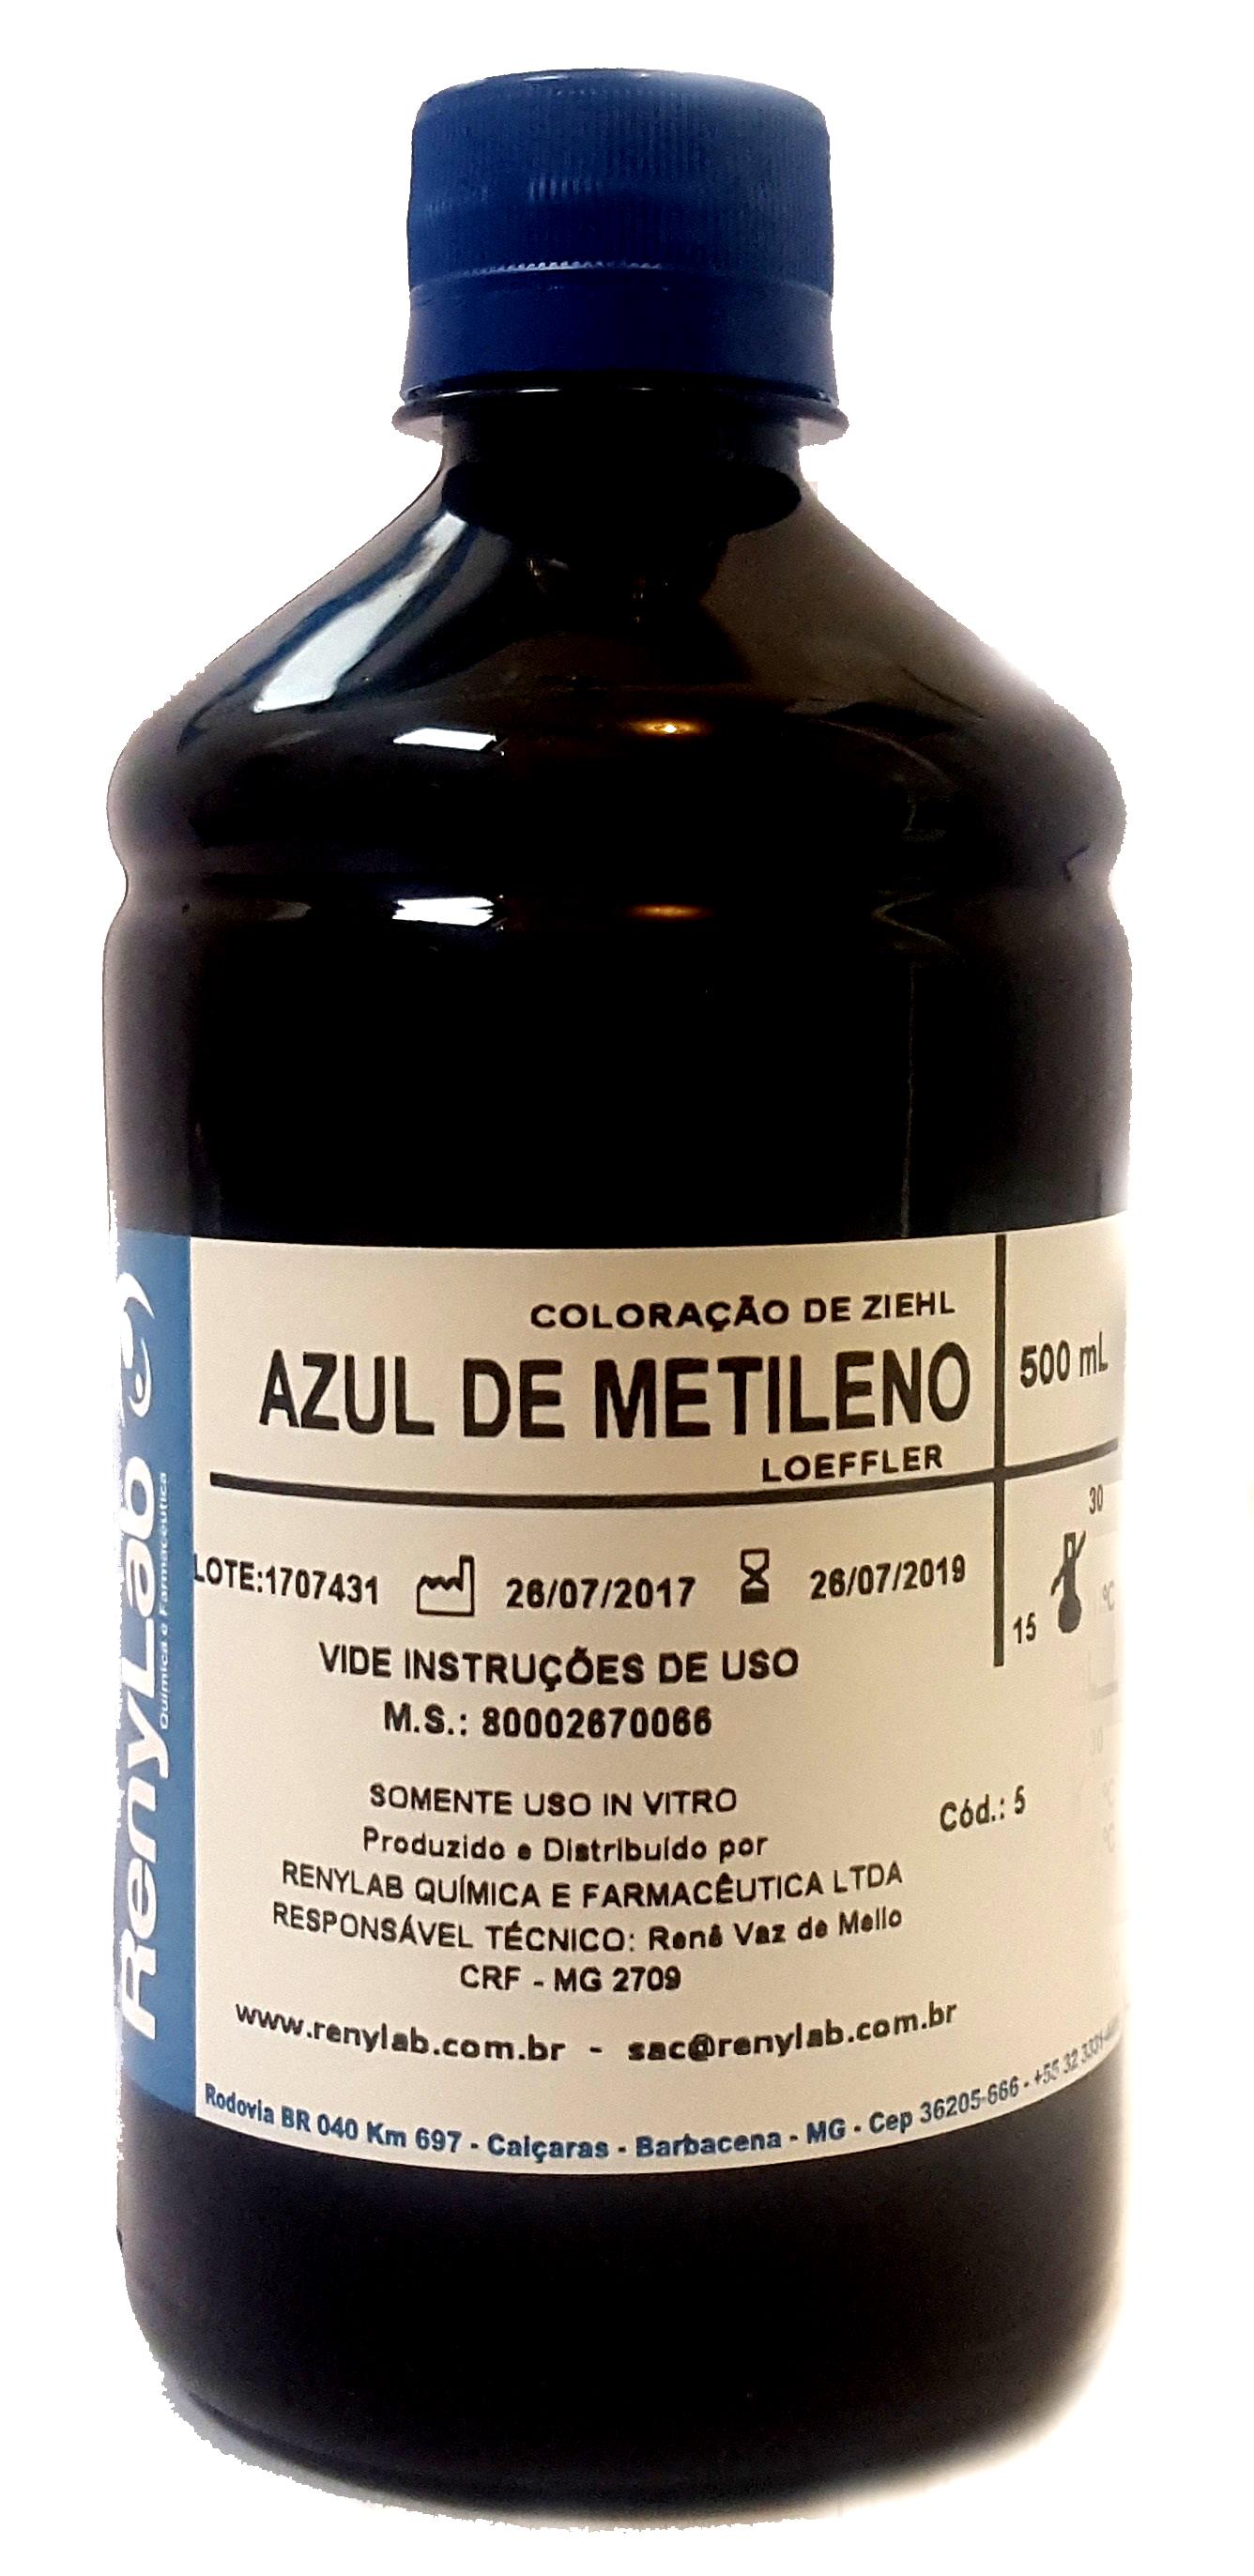 Azul de Metileno Loeffler